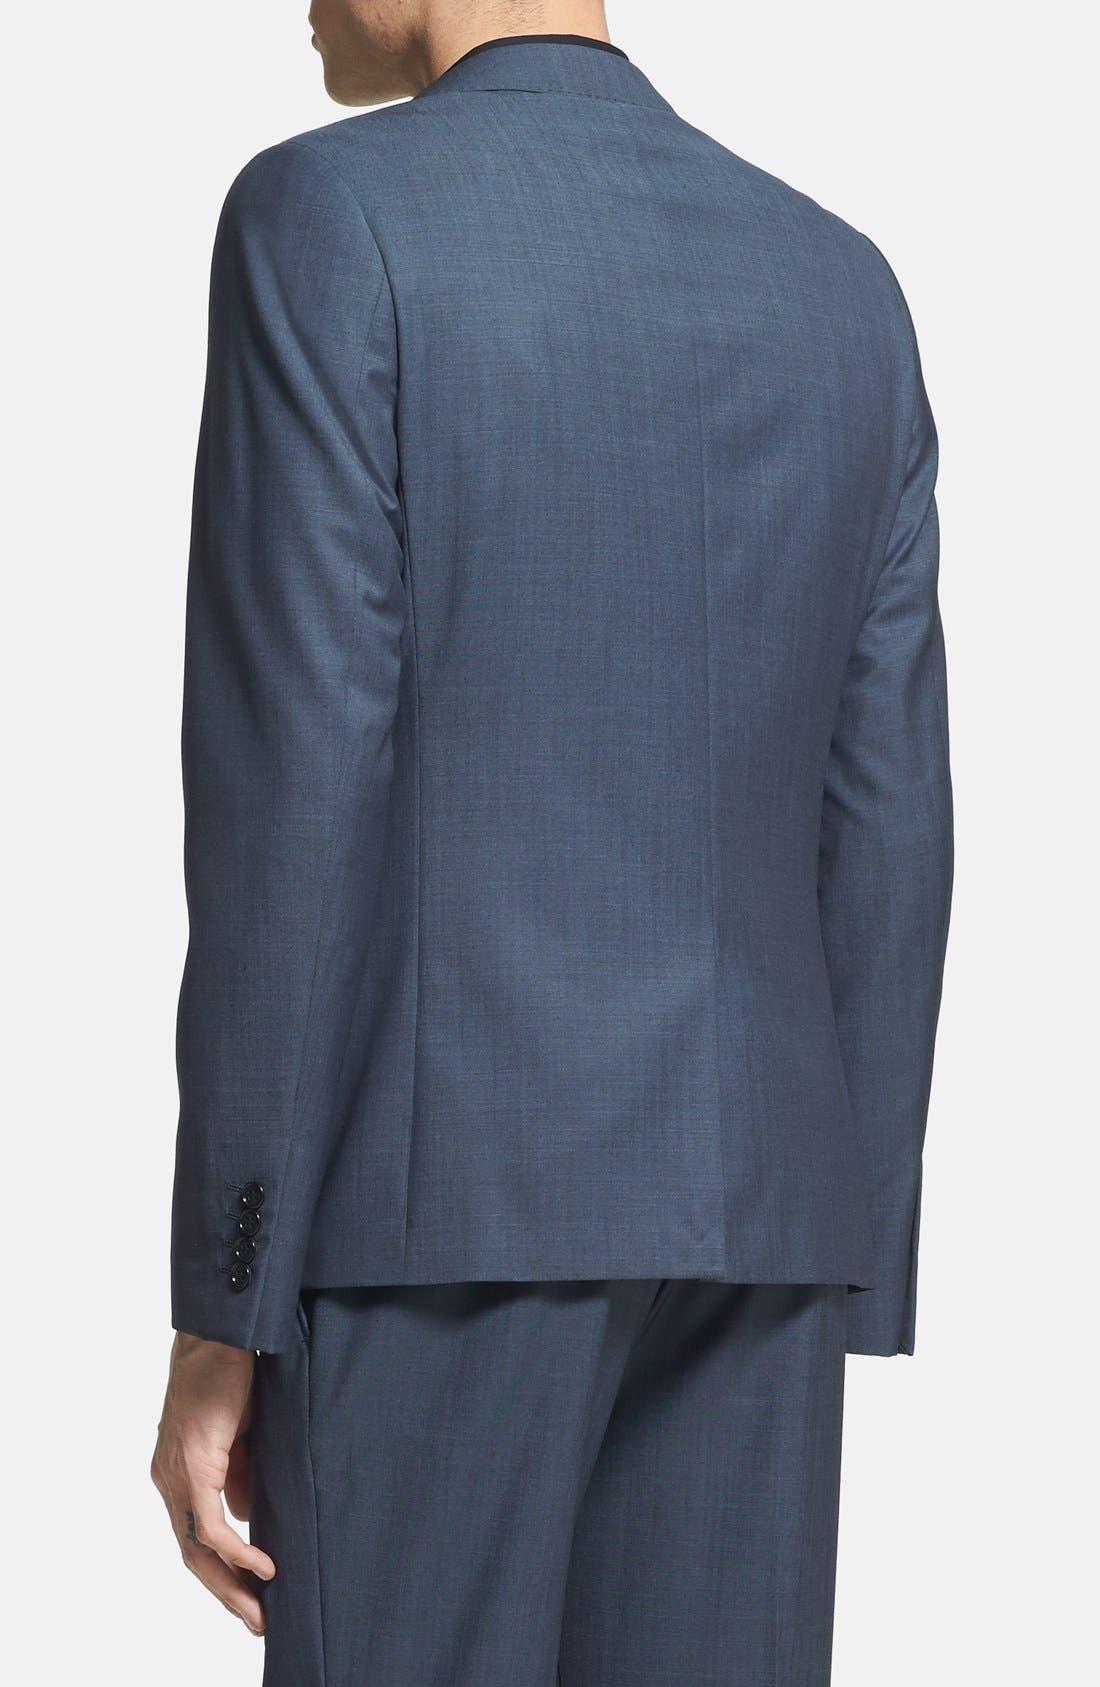 Alternate Image 2  - Topman Skinny Fit Navy Suit Jacket